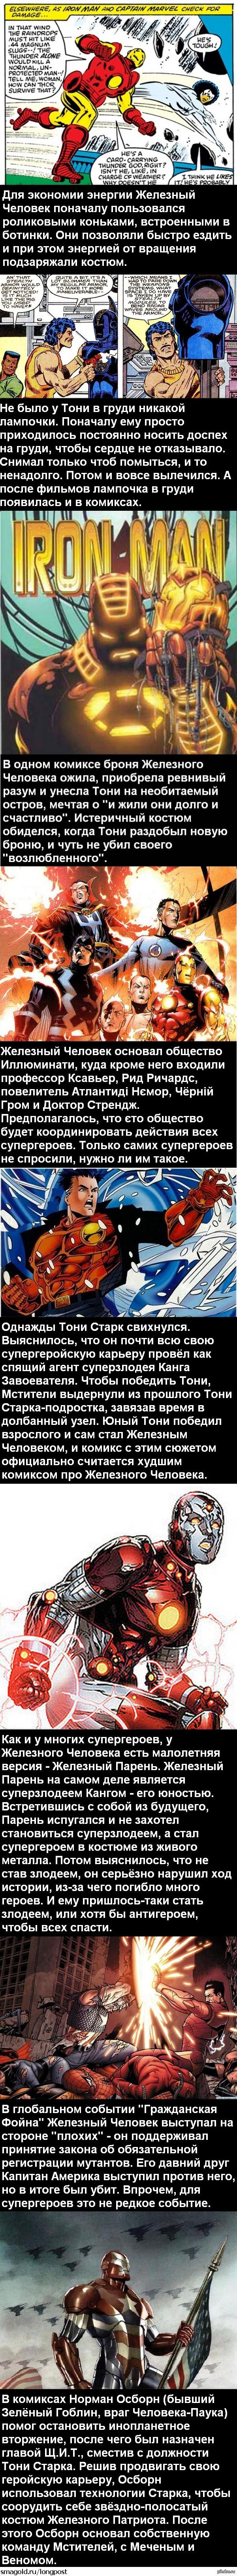 Факты о супергероях: Железный Человек (Часть 2) То, чего нет в фильмах. Да, многое изменилось. Я пишу о том, что было раньше, без оглядки на то, актуальны ли эти факты на сегодняшний день.